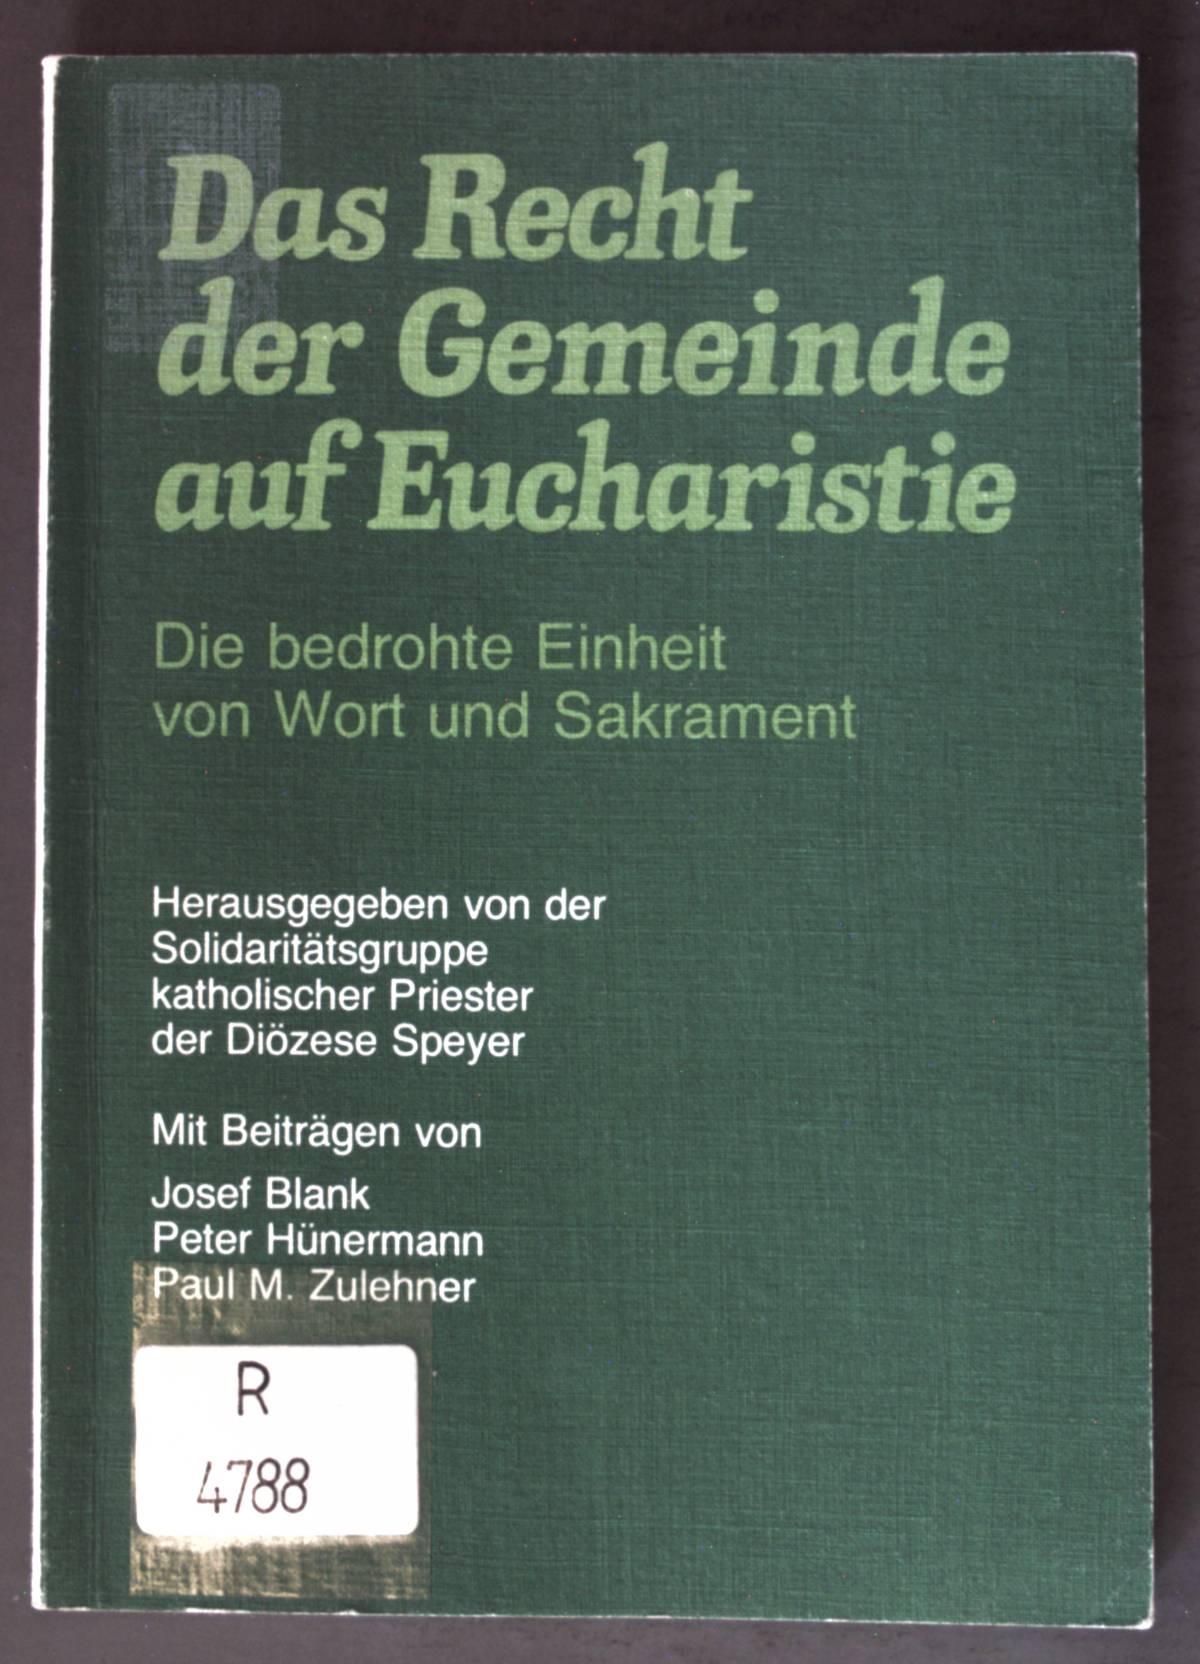 Das Recht der Gemeinde auf Eucharistie : Die bedrohte Einheit von Wort u. Sakrament. - Blank, Josef